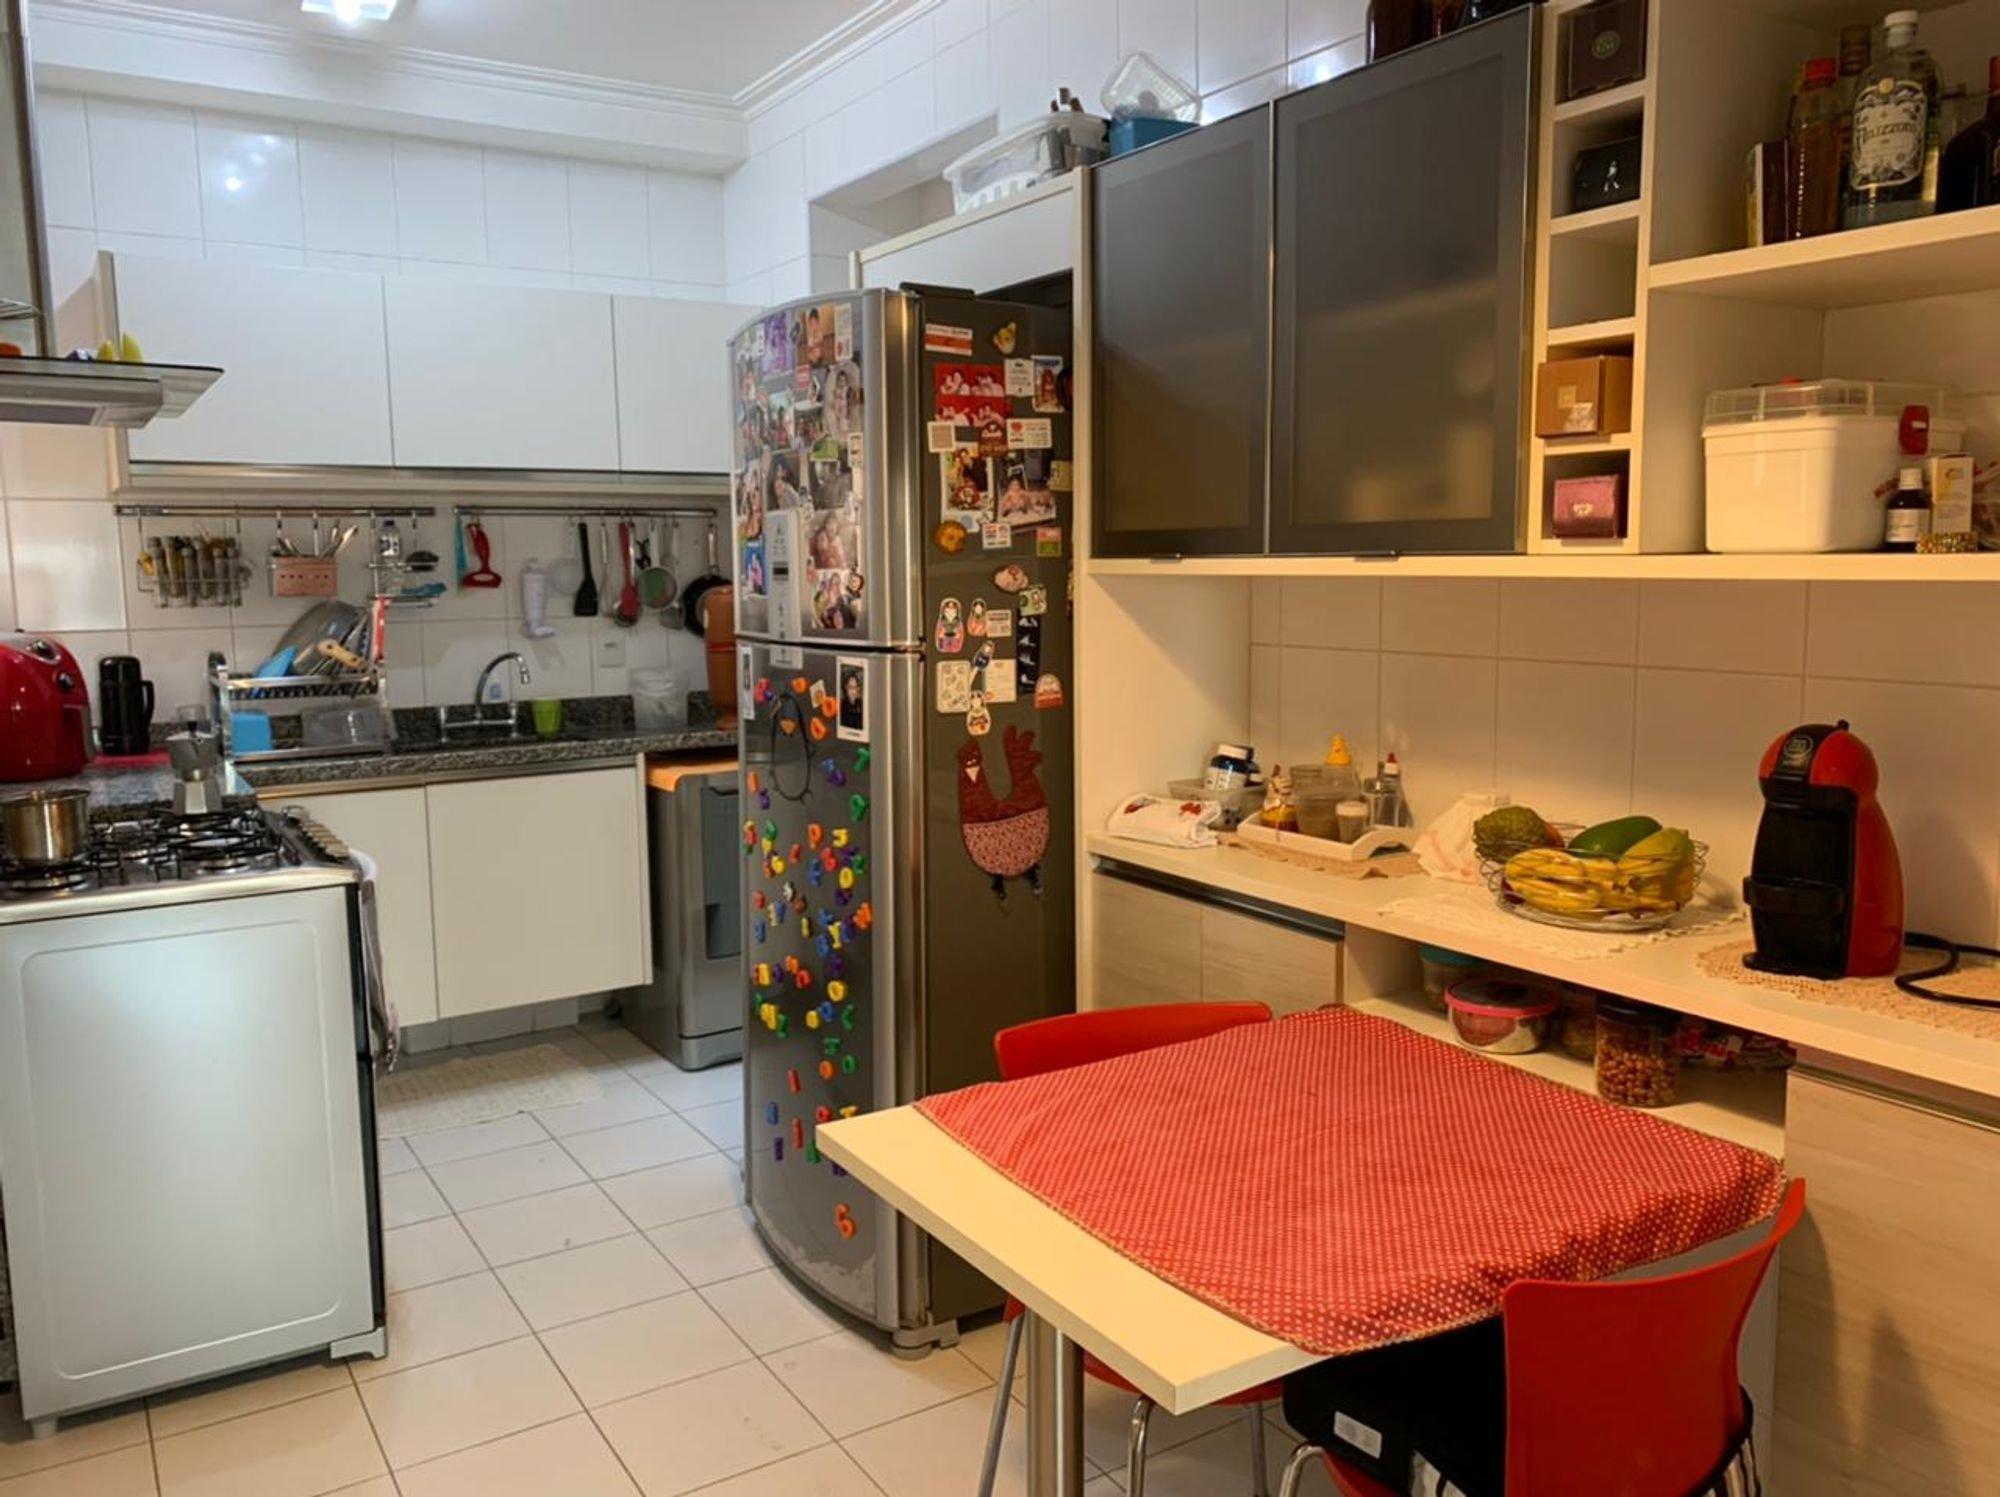 Foto de Cozinha com forno, pia, cadeira, mesa de jantar, garrafa, tigela, geladeira